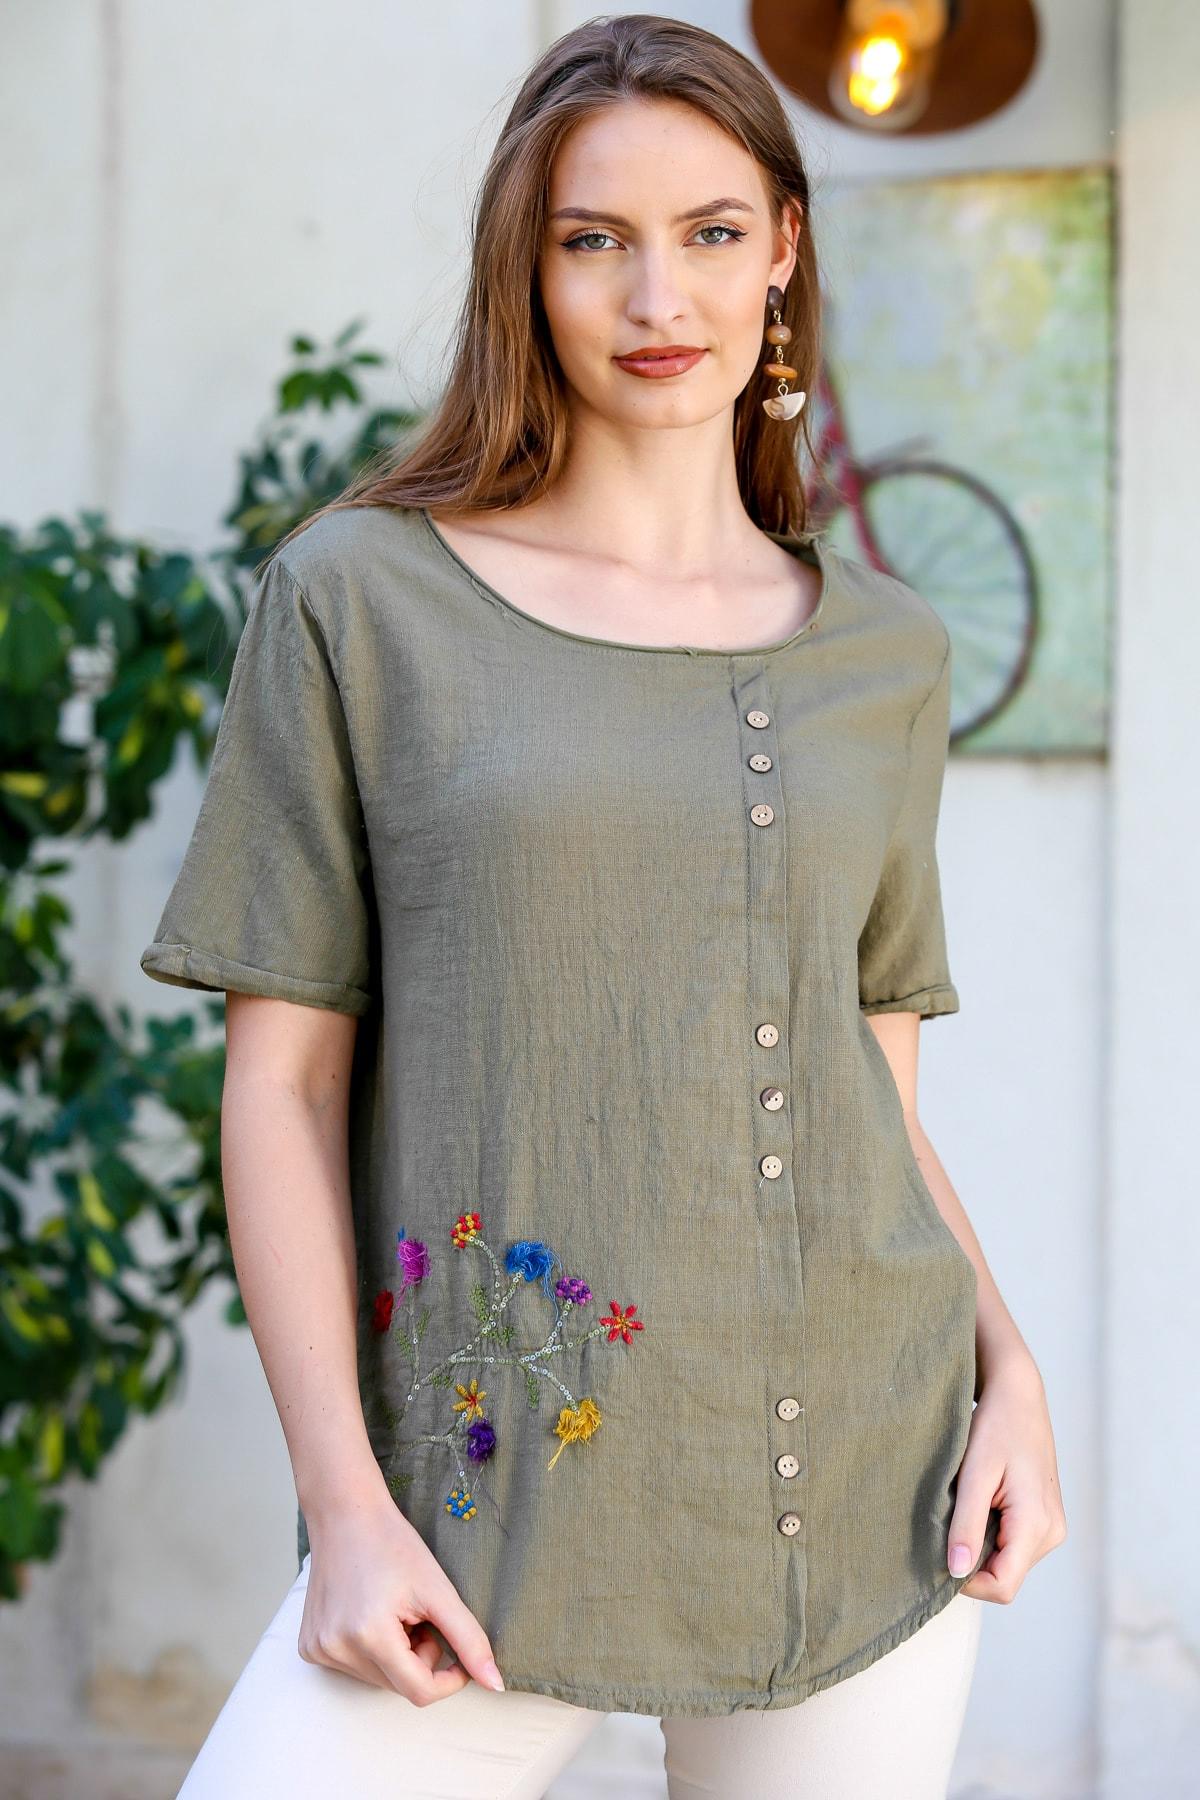 Kadın Haki Çiçek Buketi 3D Nakışlı Düğme Detaylı Salaş Dokuma Bluz M10010200BL95280